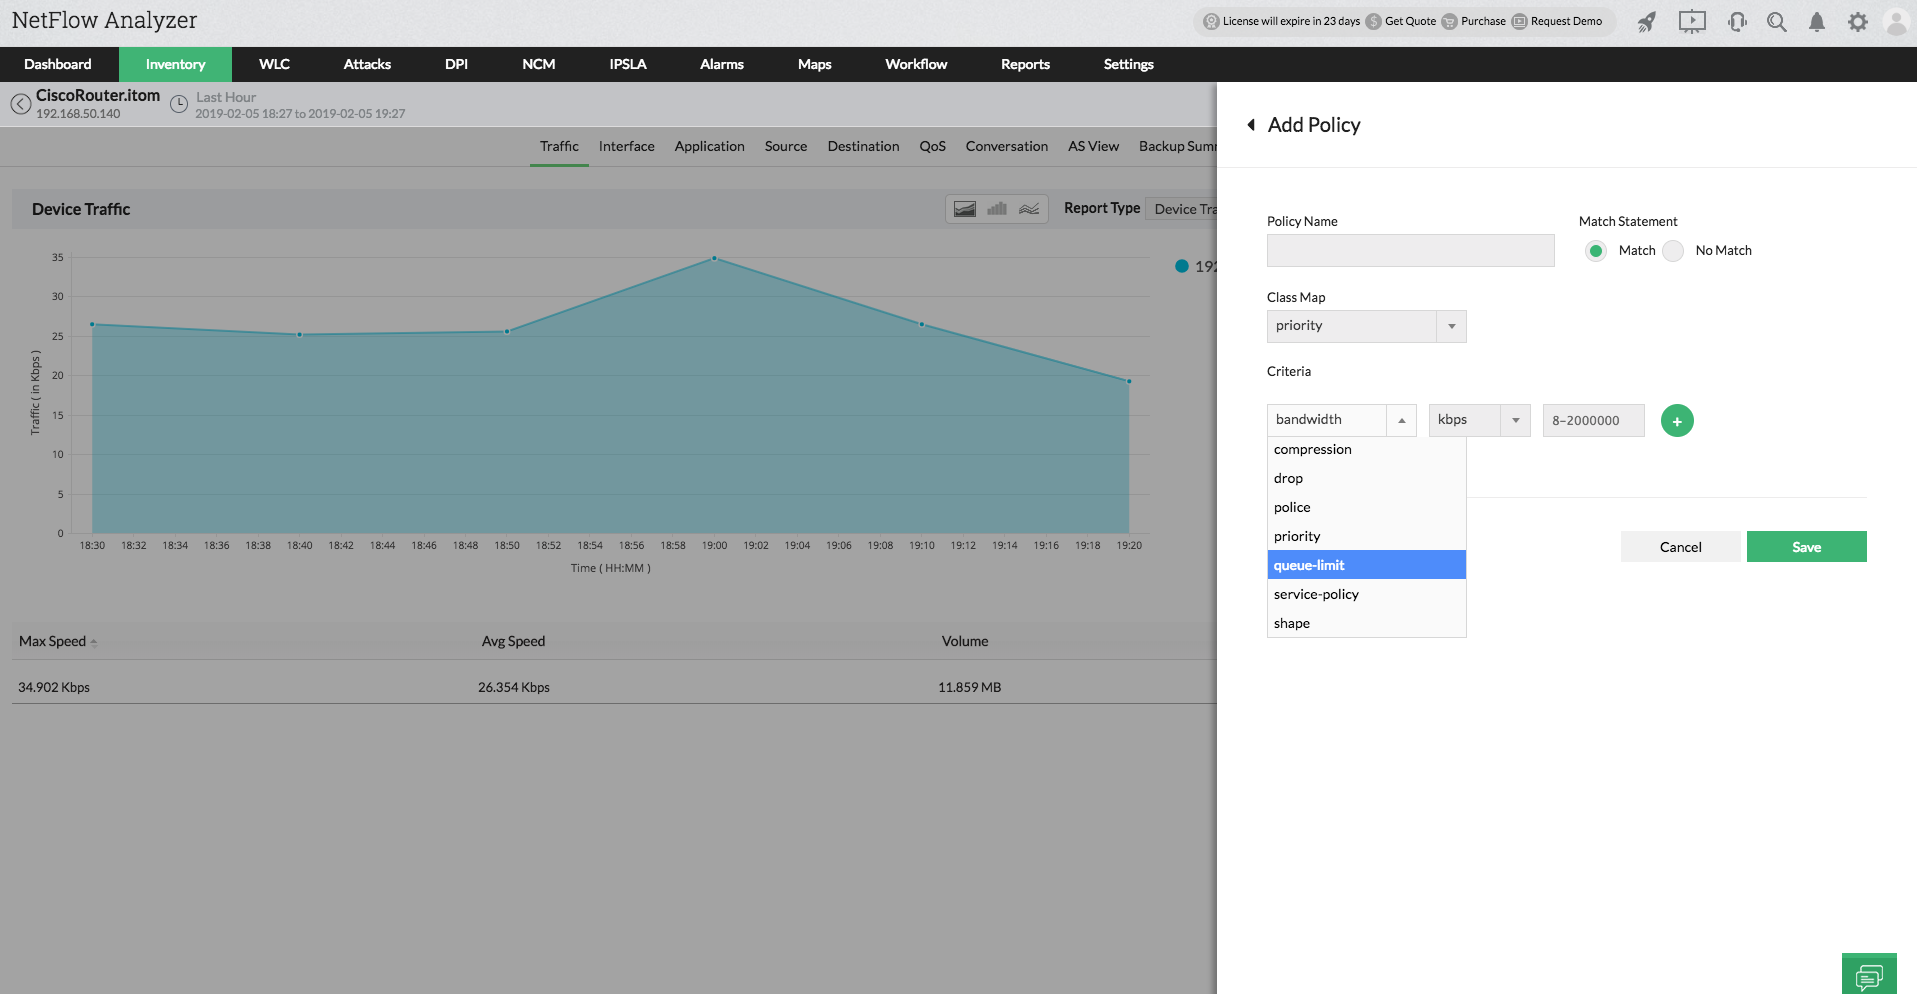 Kontrola nadmiernego wykorzystania przepustowości - ManageEngine NetFlow Analyzer